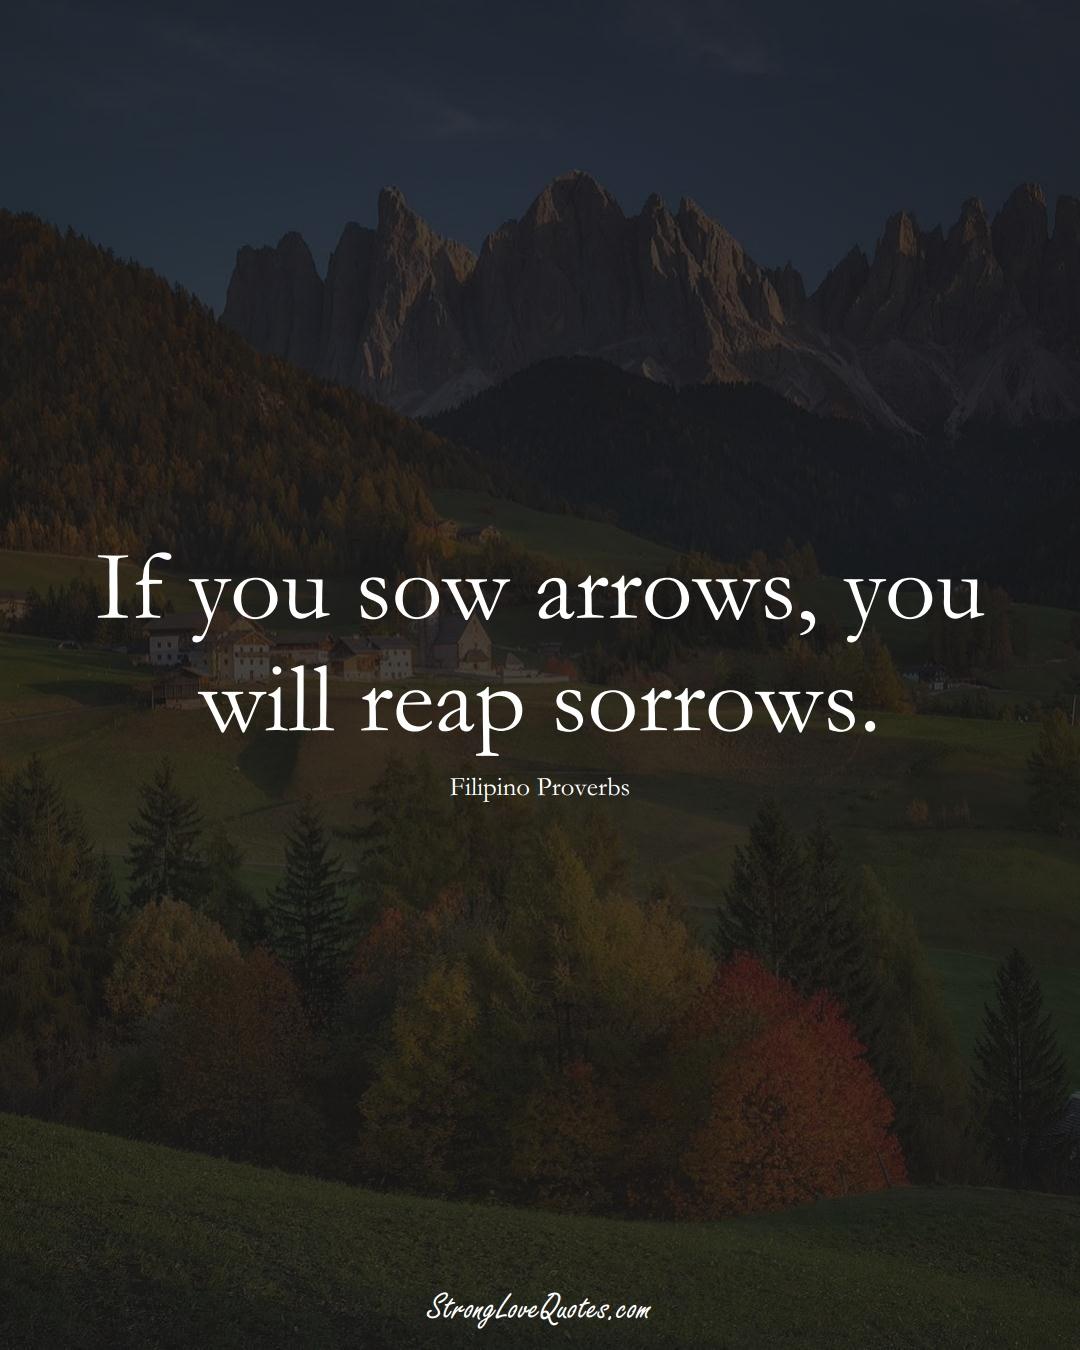 If you sow arrows, you will reap sorrows. (Filipino Sayings);  #AsianSayings